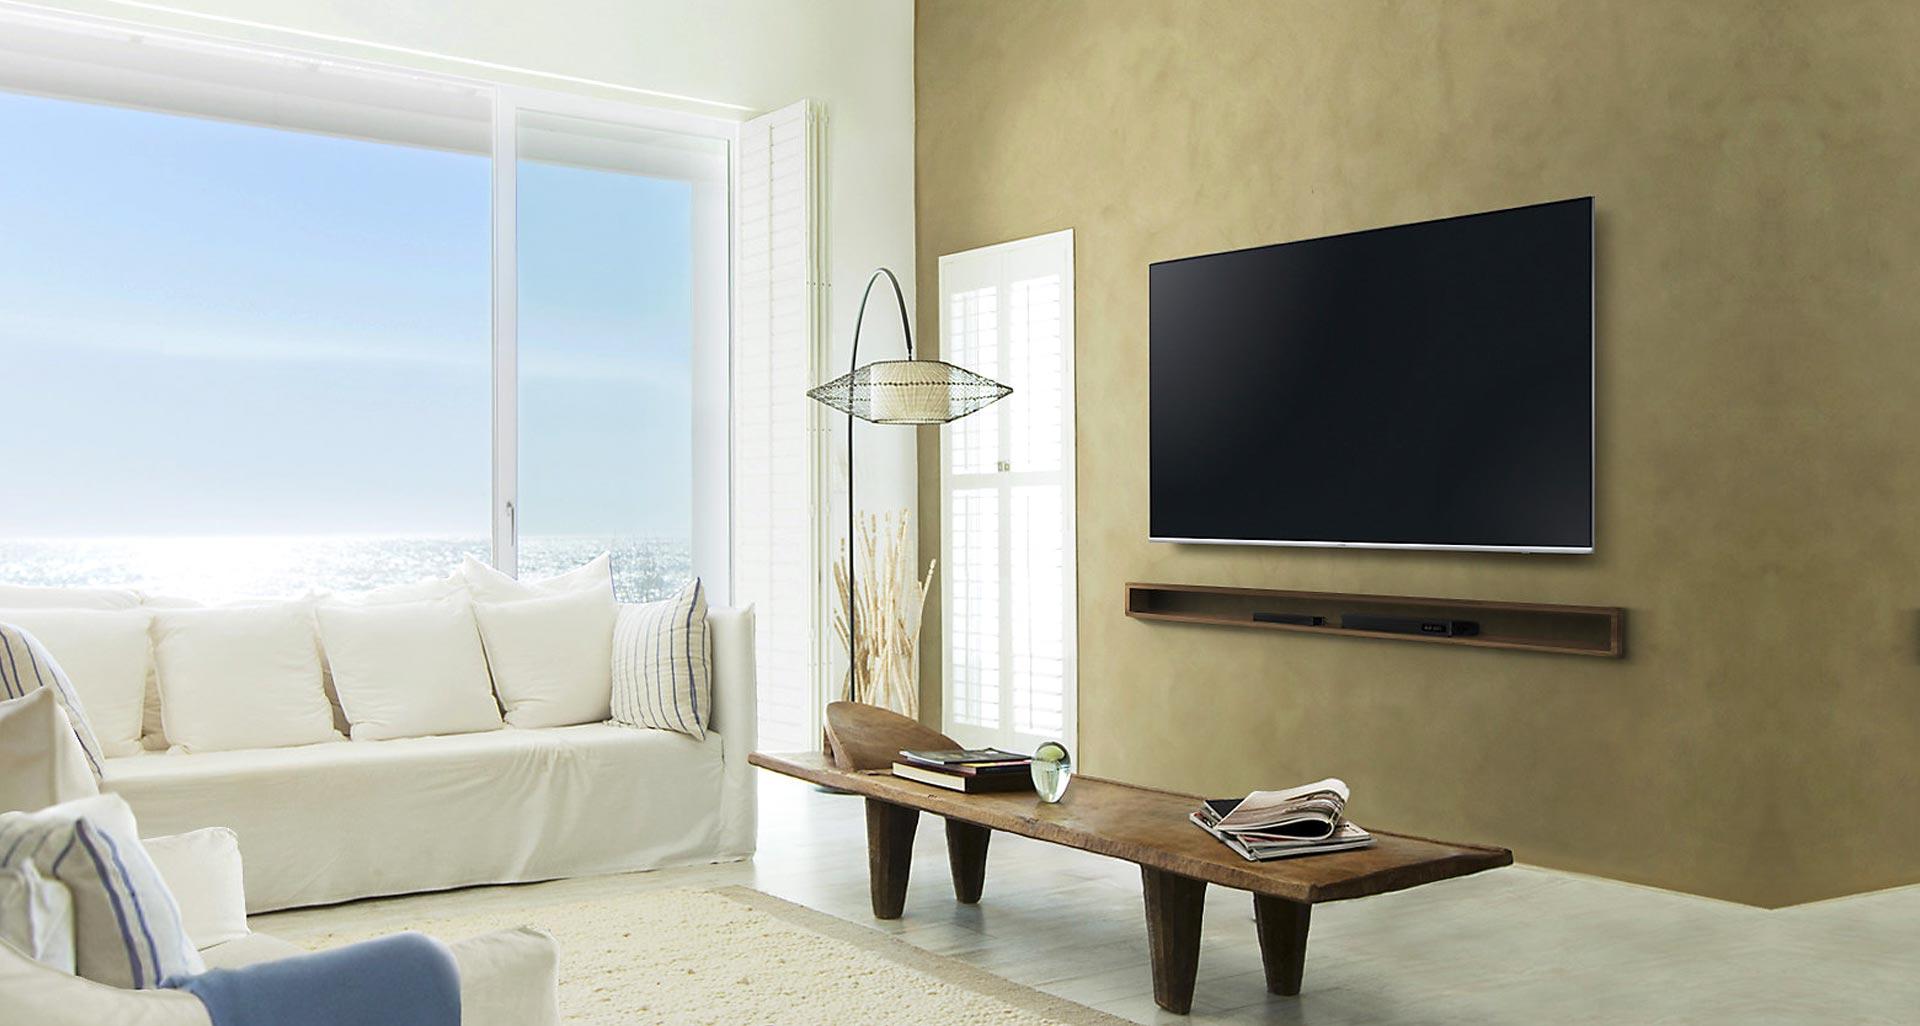 لیست قیمت تلویزیون